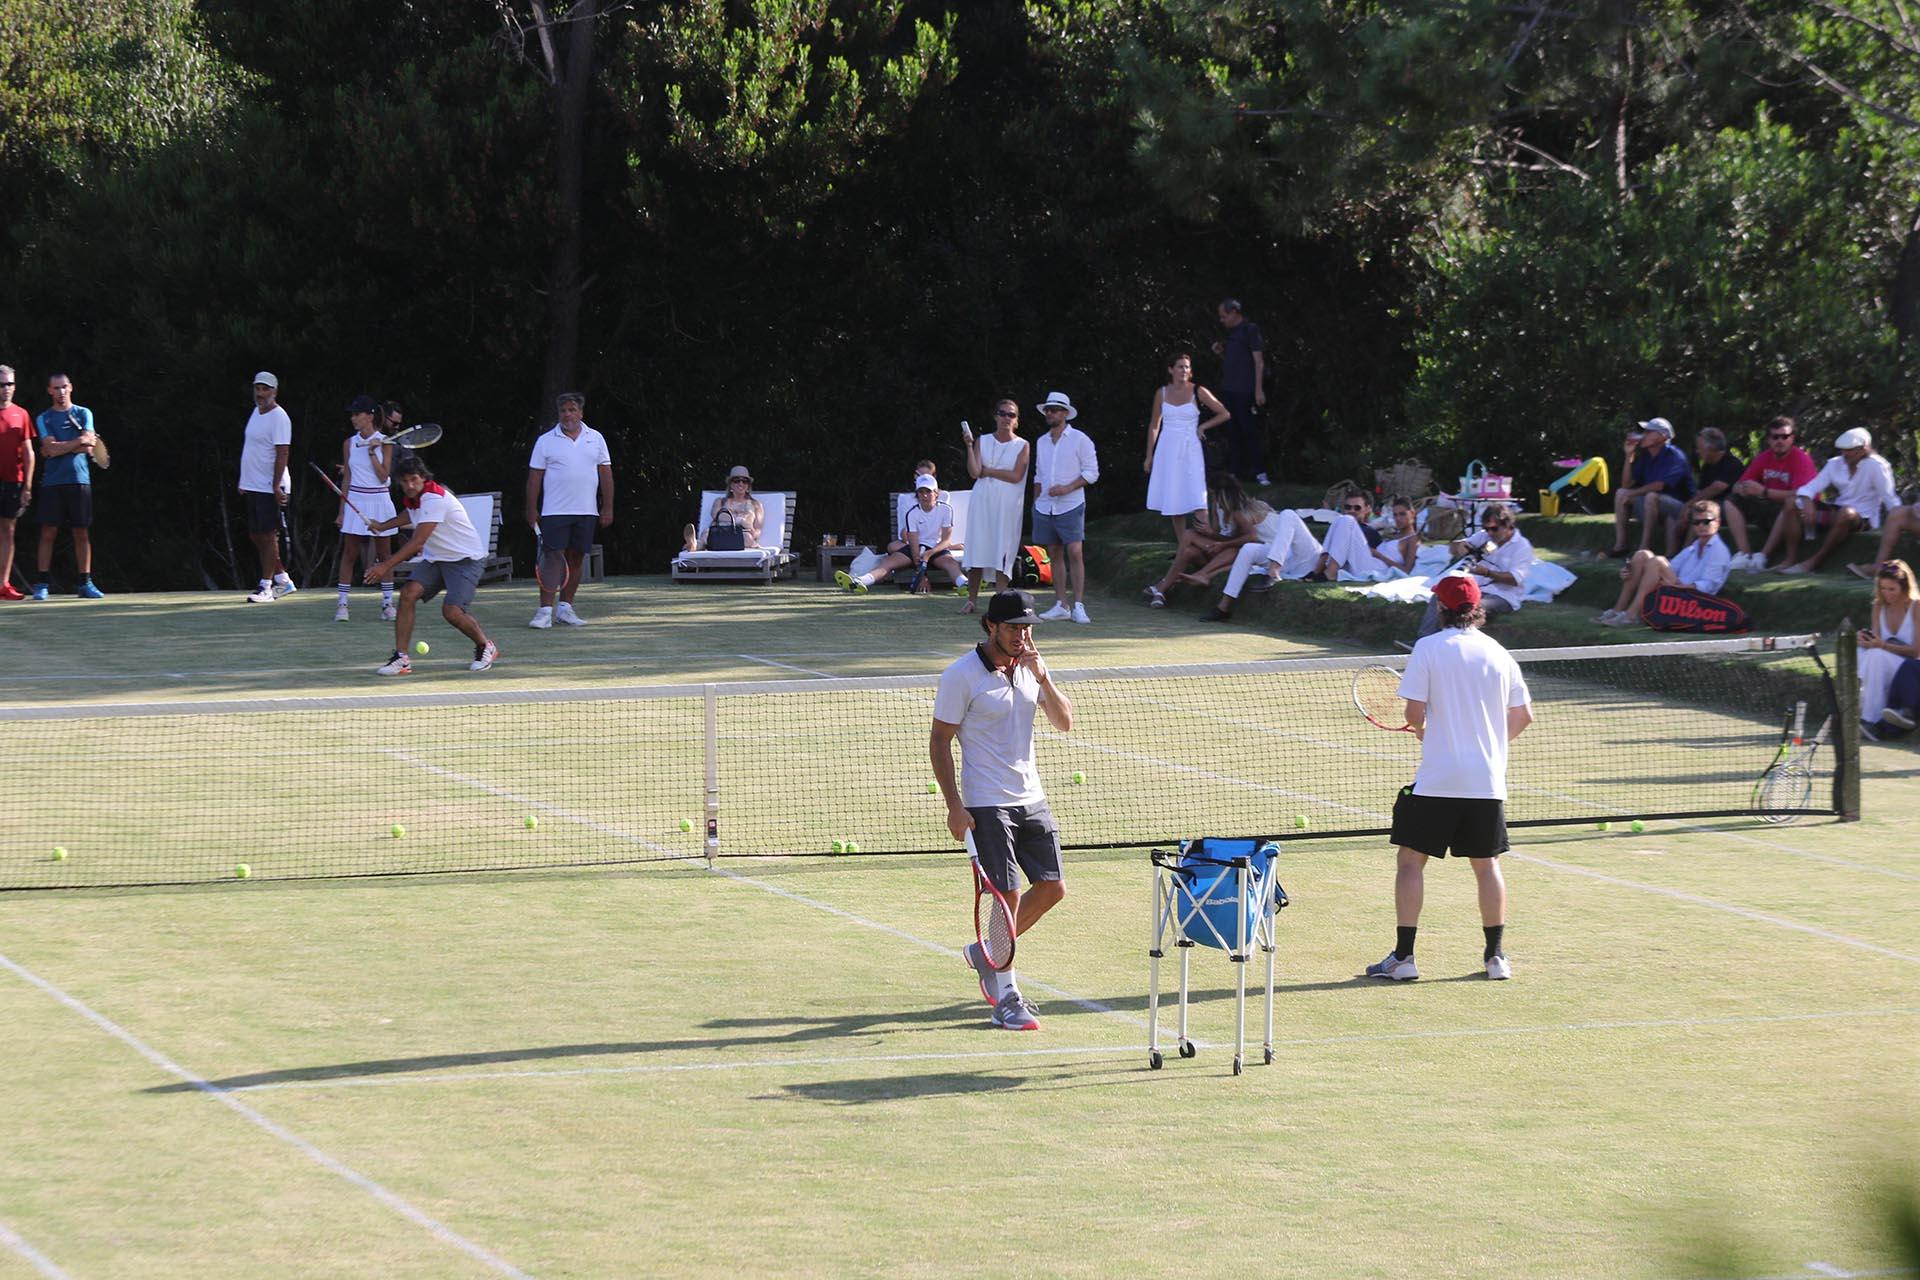 Las características del torneo permiten que jugadores profesionales compartan la cancha con amateurs